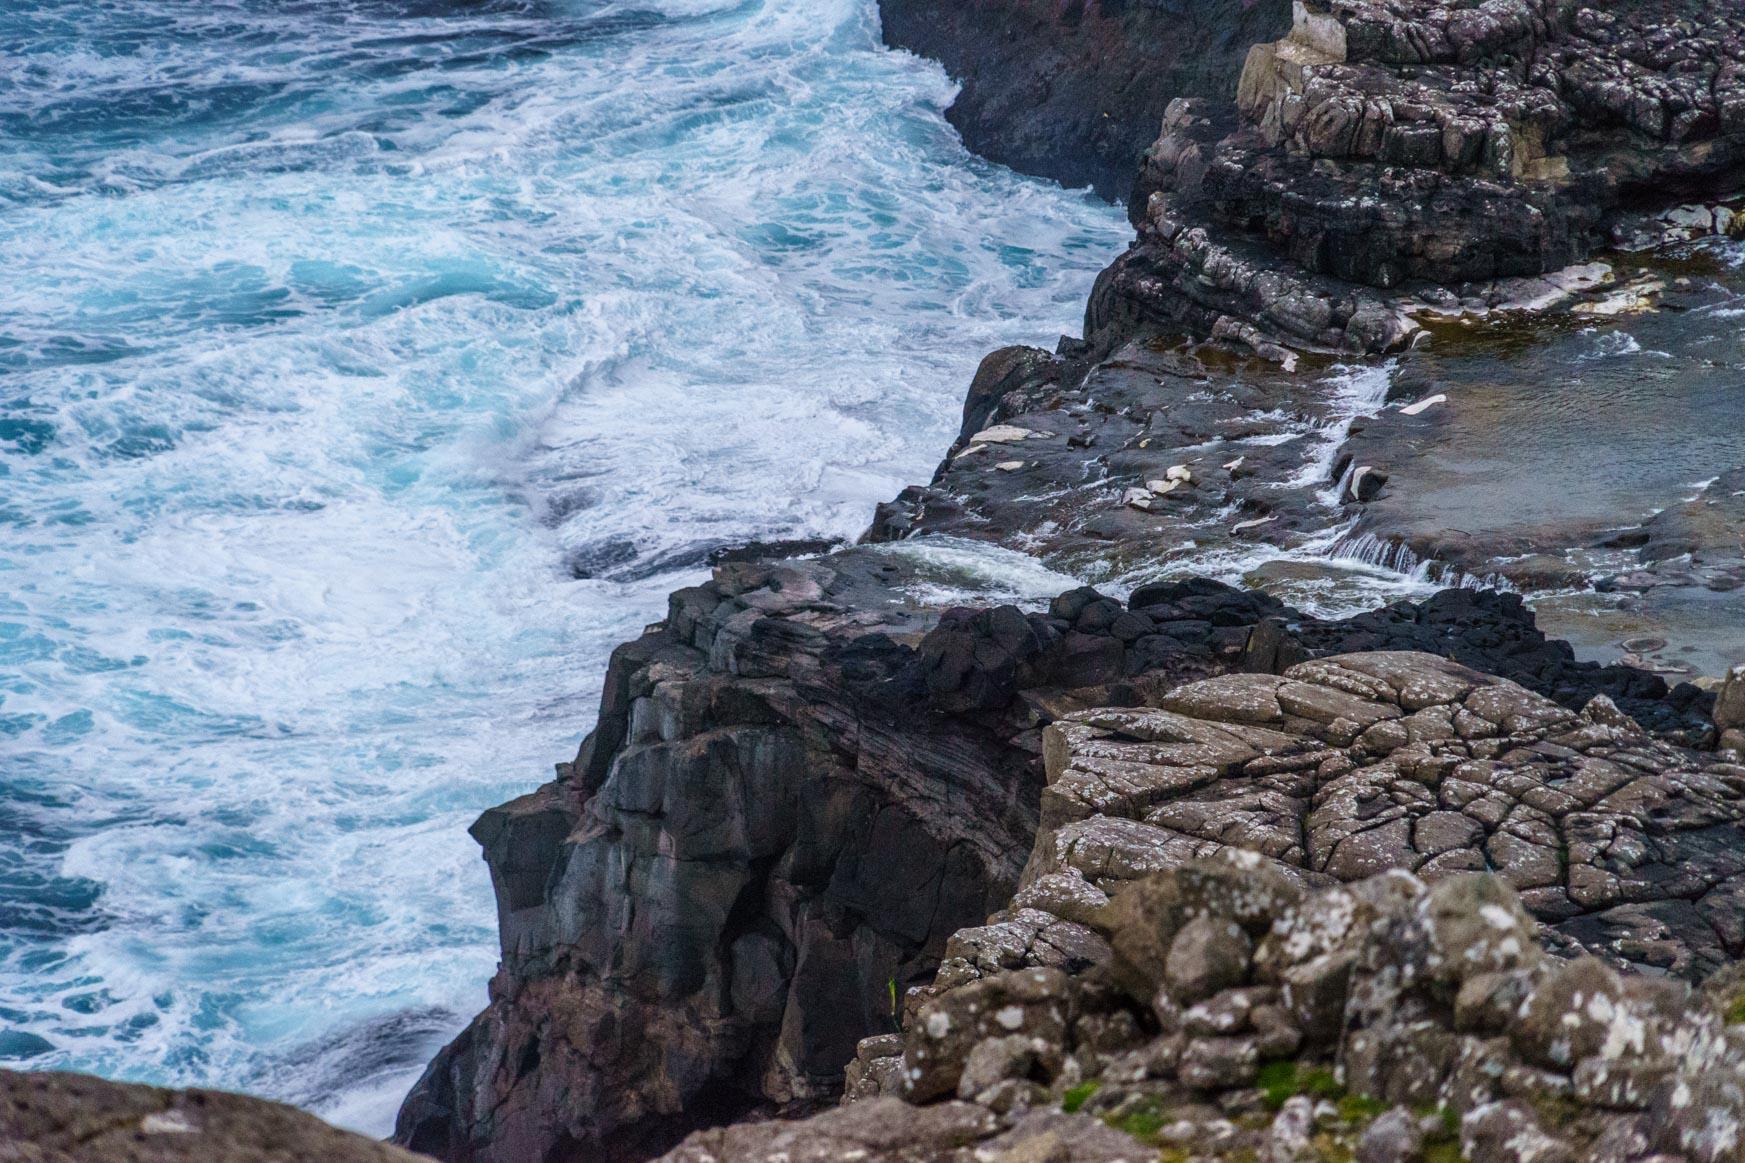 Kaum zu erkennen - aber hier stürzt der Wasserfall in den Atlantik